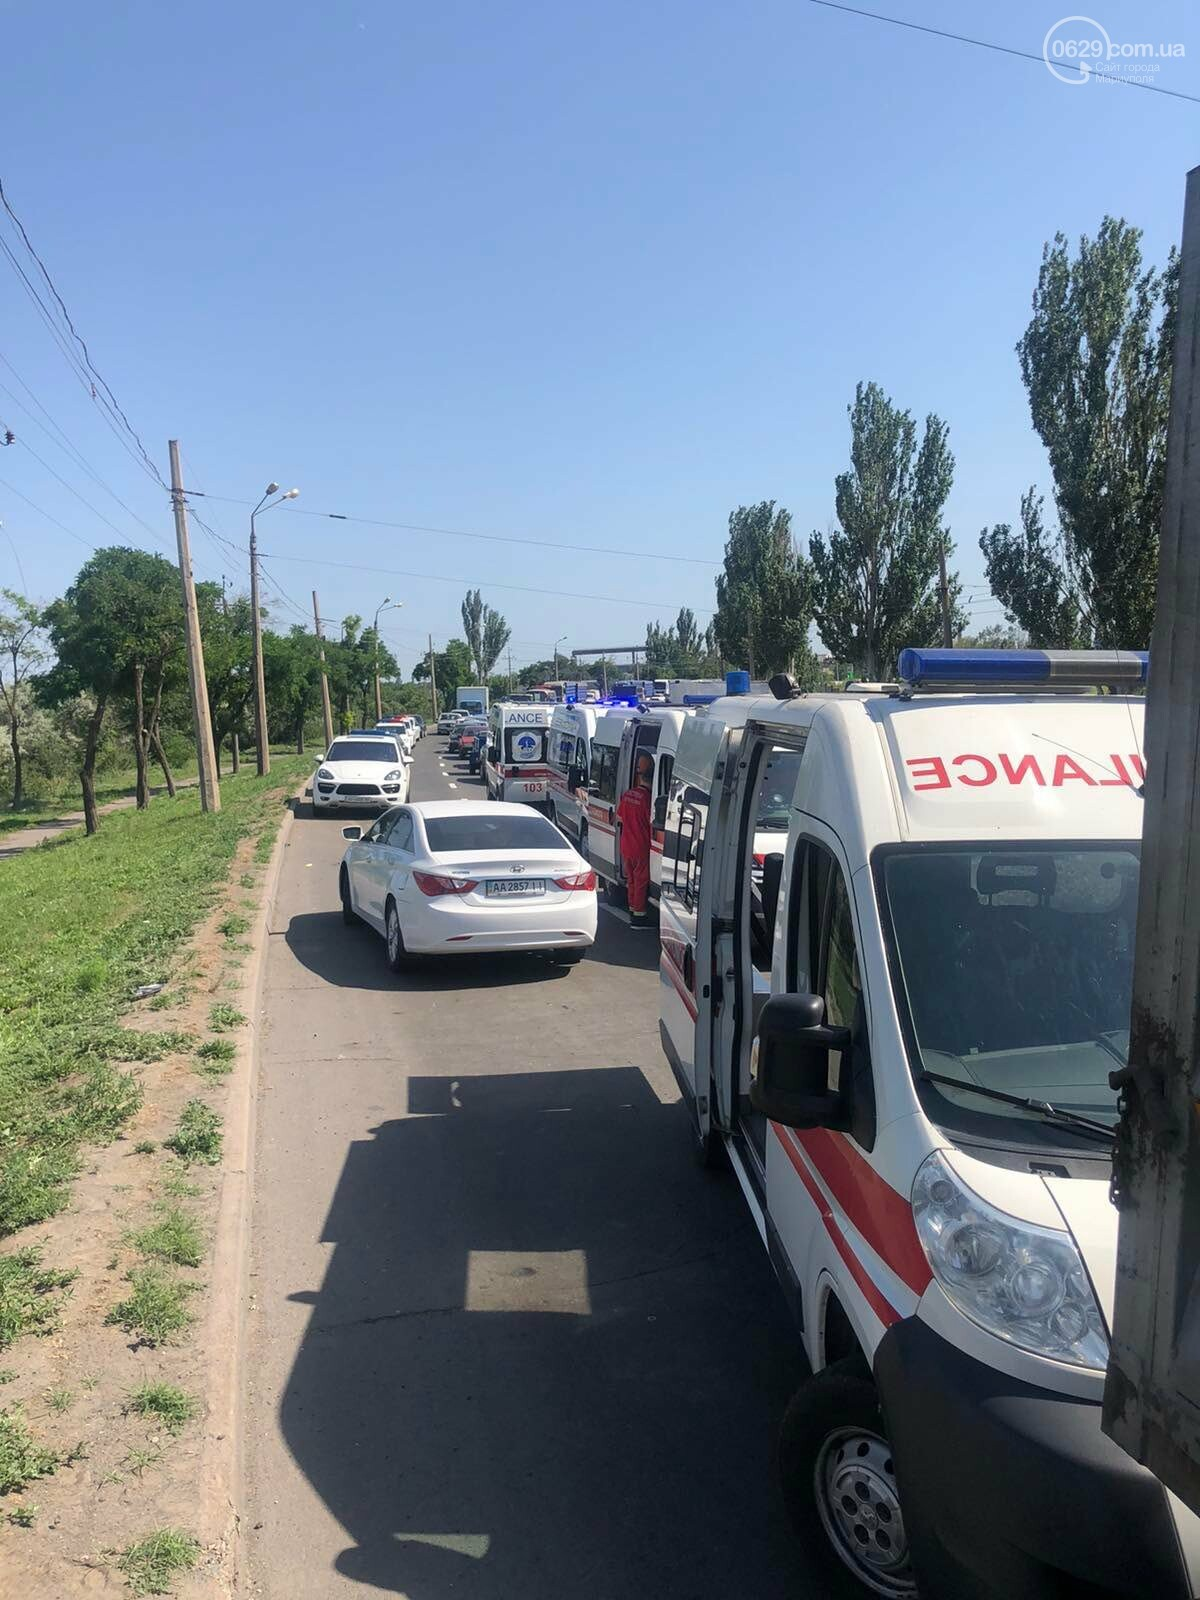 Серьезная авария в Кальмиусском районе. ВАЗ с пассажирами вылетел в кювет, четверо пострадавших, - ФОТО, фото-6